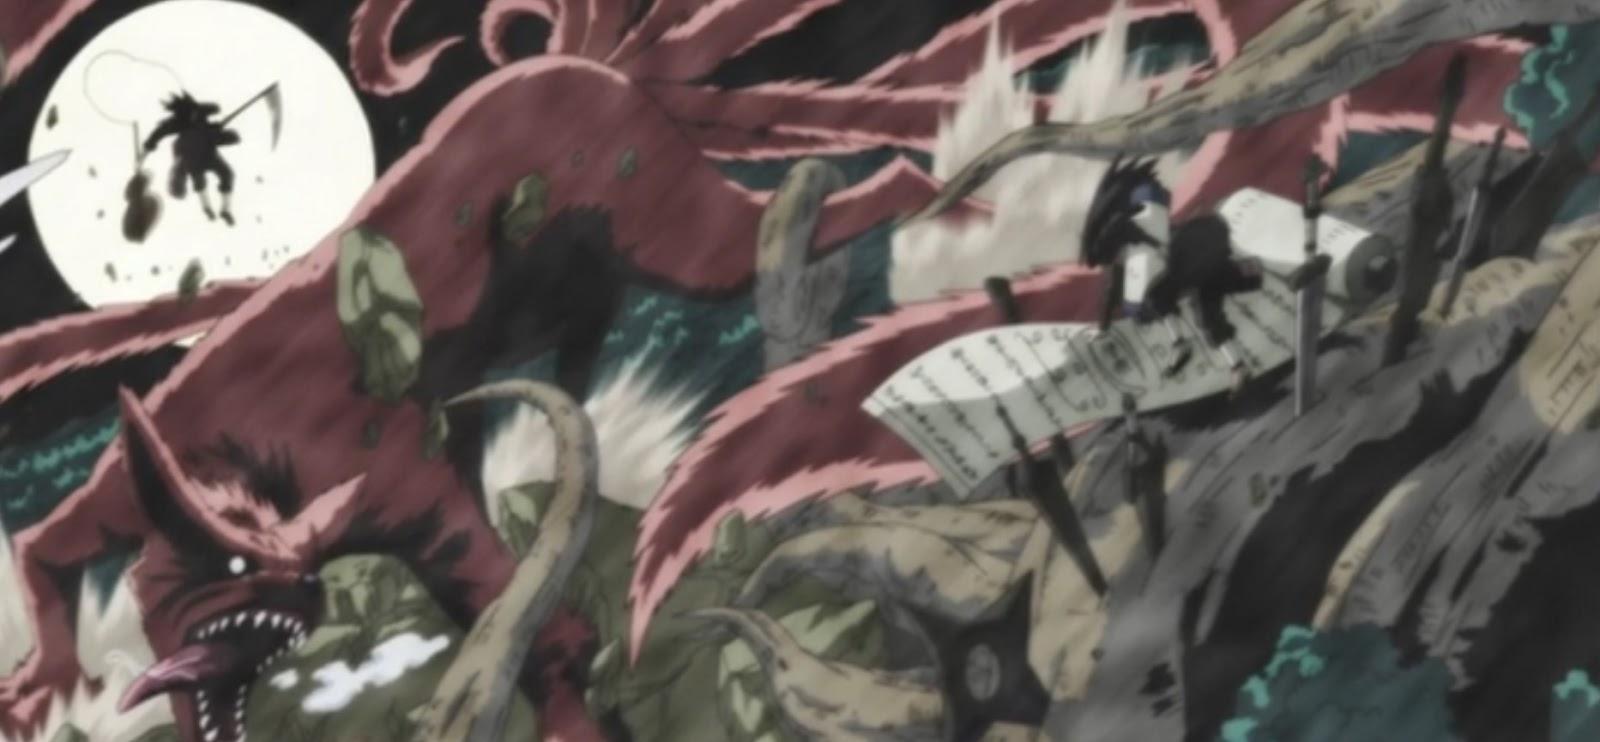 Naruto Shippuden Episódio 351, Assistir Naruto Shippuden Episódio 351, Assistir Naruto Shippuden Todos os Episódios Legendado, Naruto Shippuden episódio 351,HD